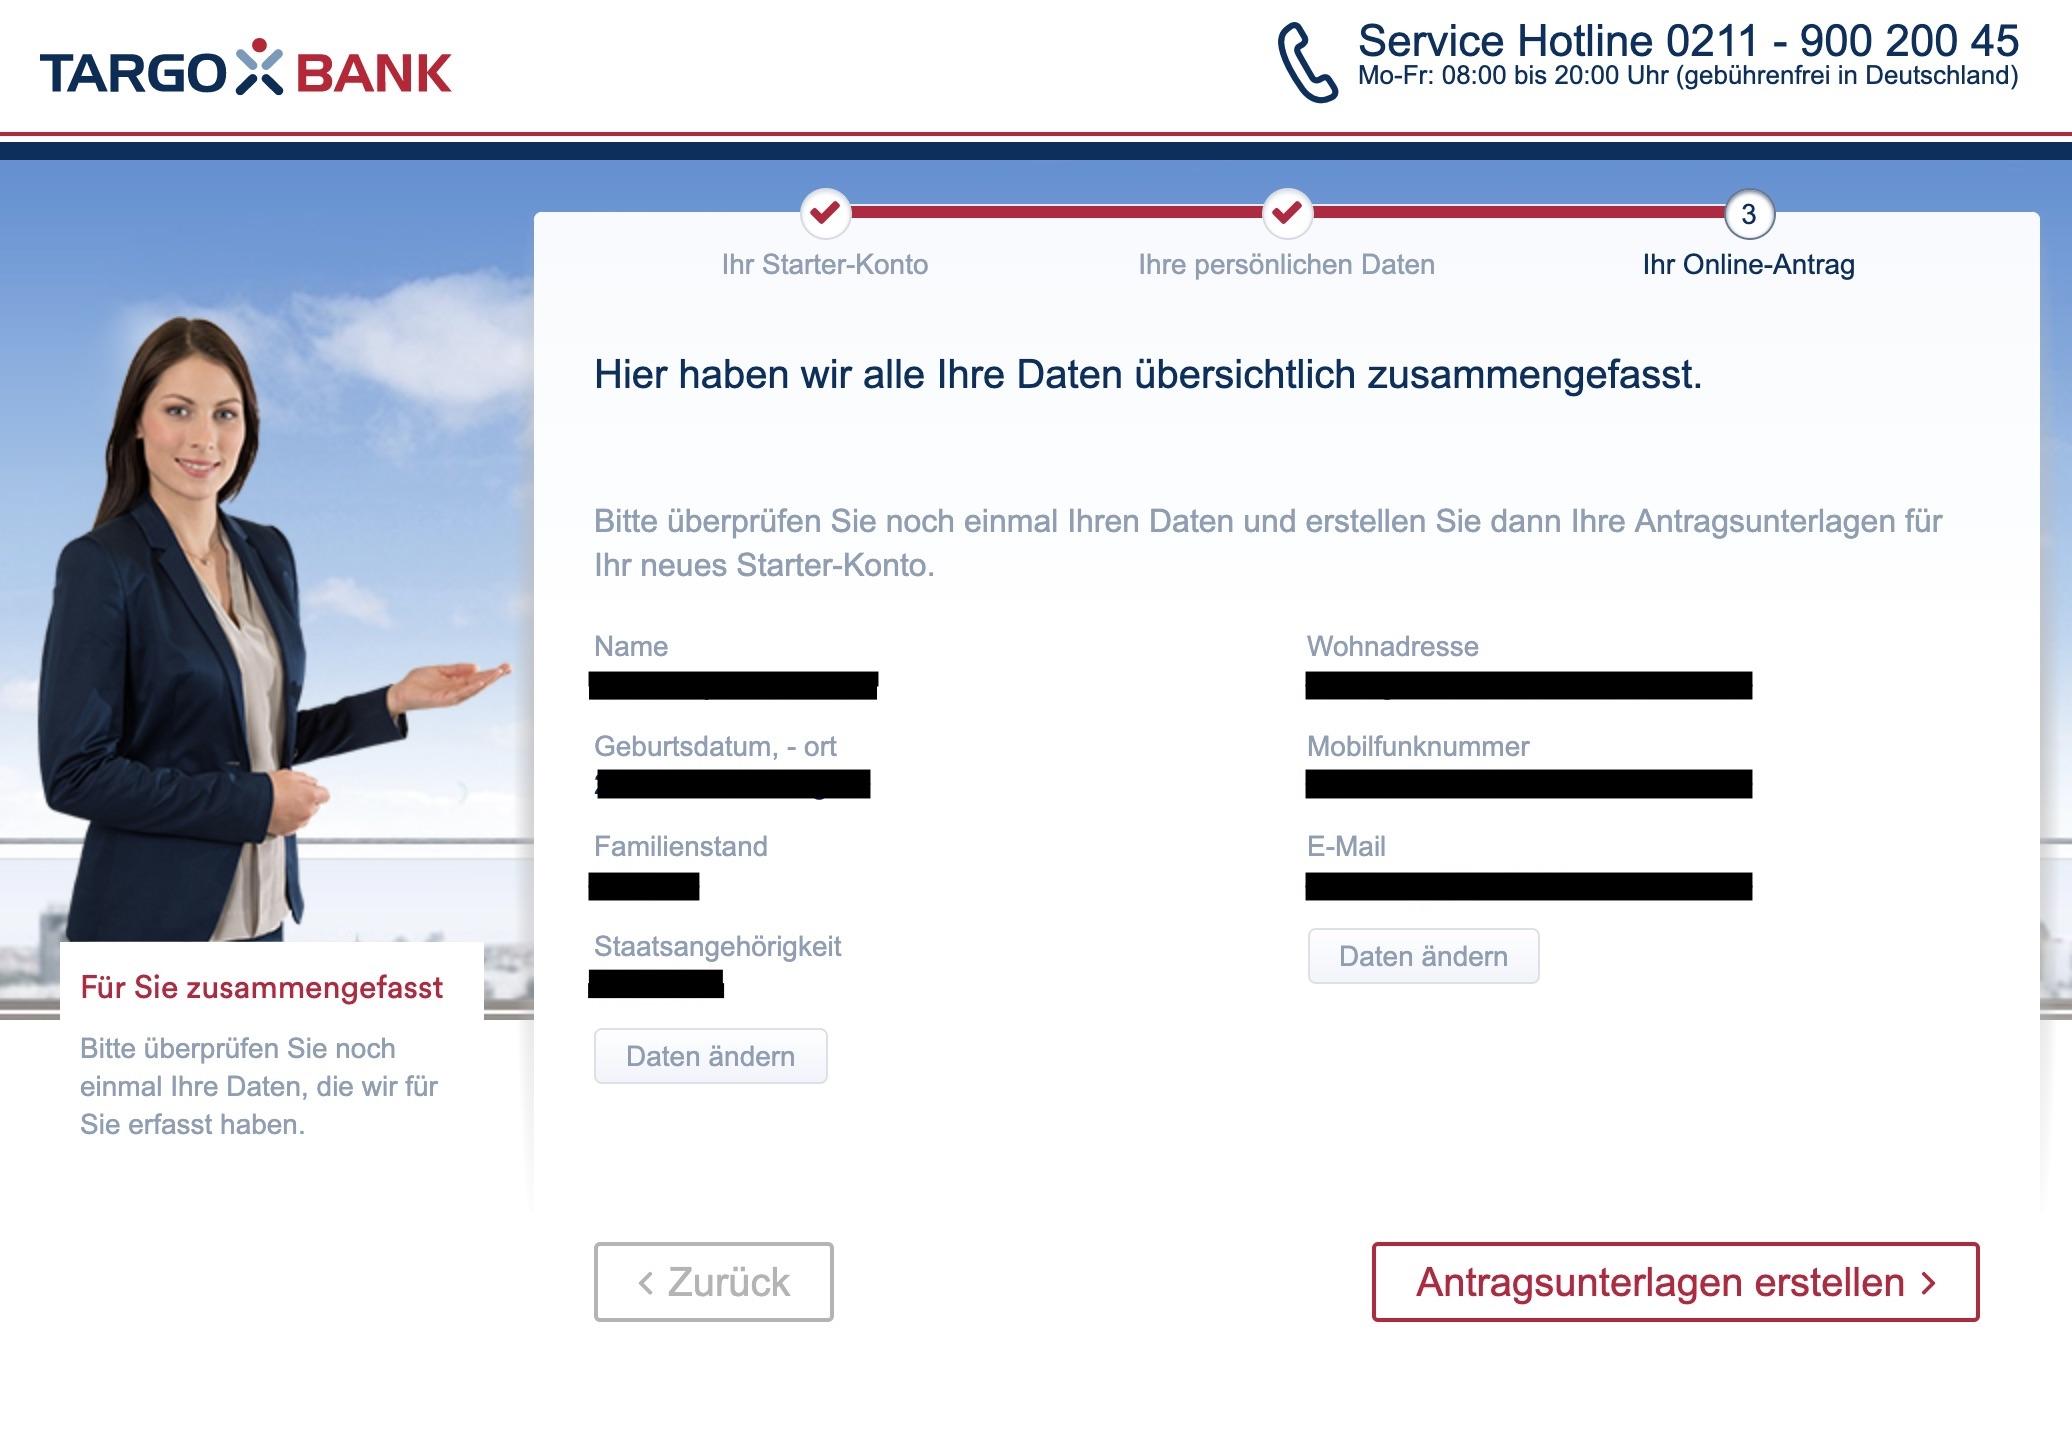 Zusammenfassung-Eröffnung-Targobank-Girokonto-online-Antrag